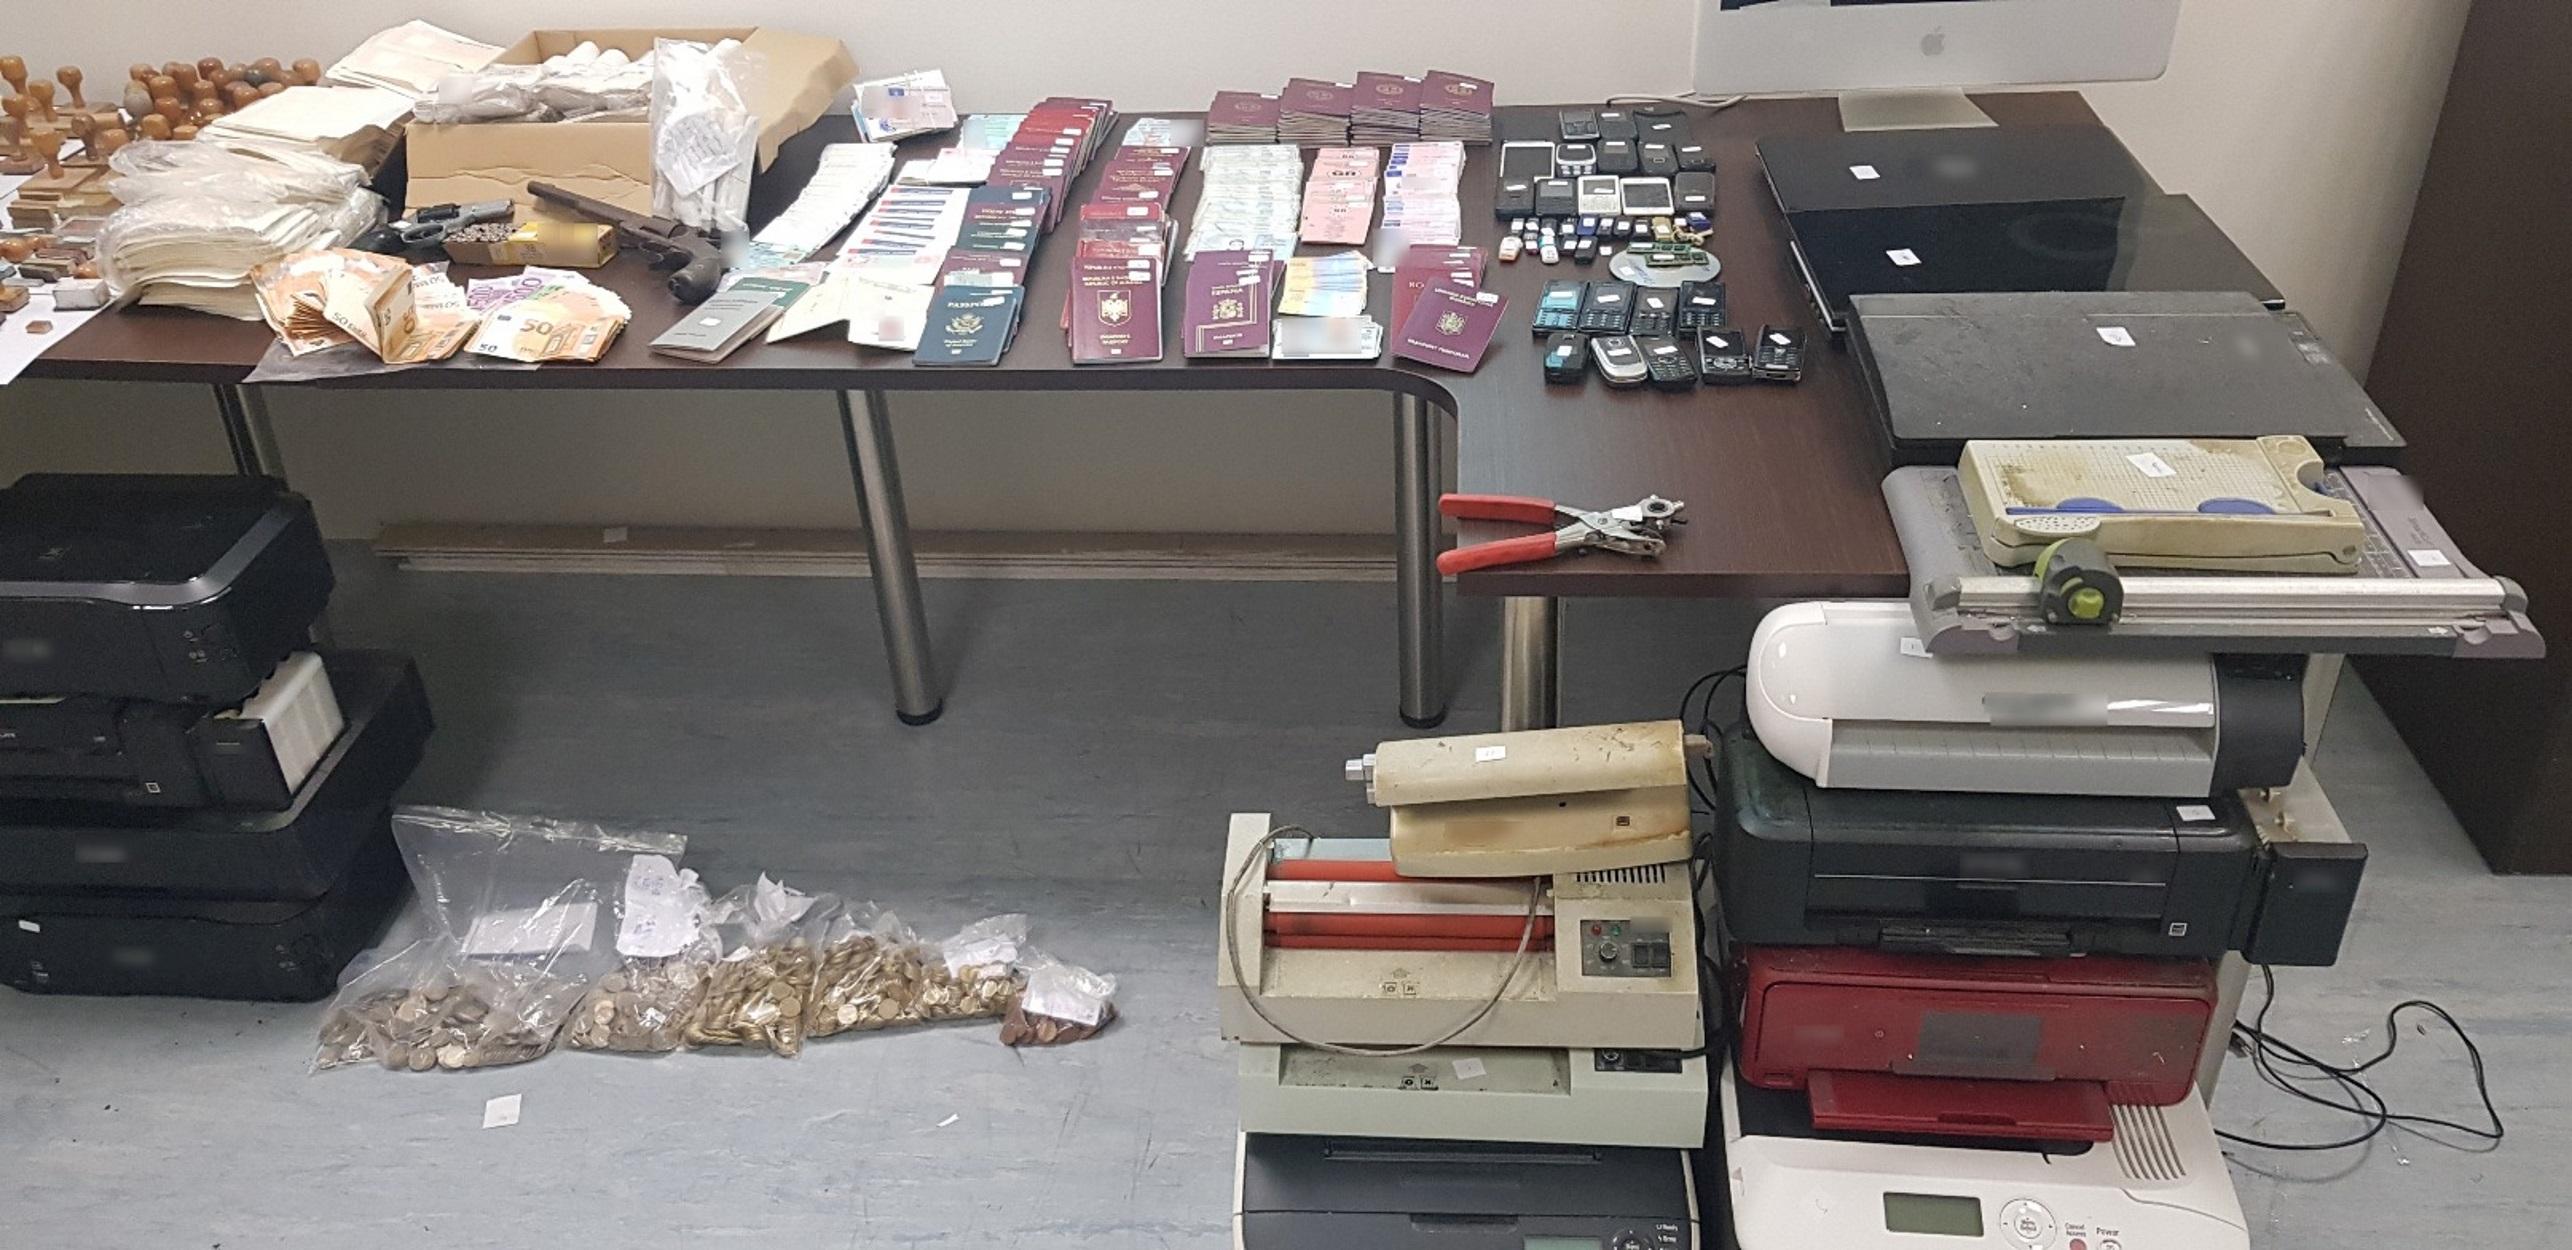 Arrestohet shqiptari në Athinë, shtëpinë e kishte kthyer në laborator të falsifikimit të dokumentave